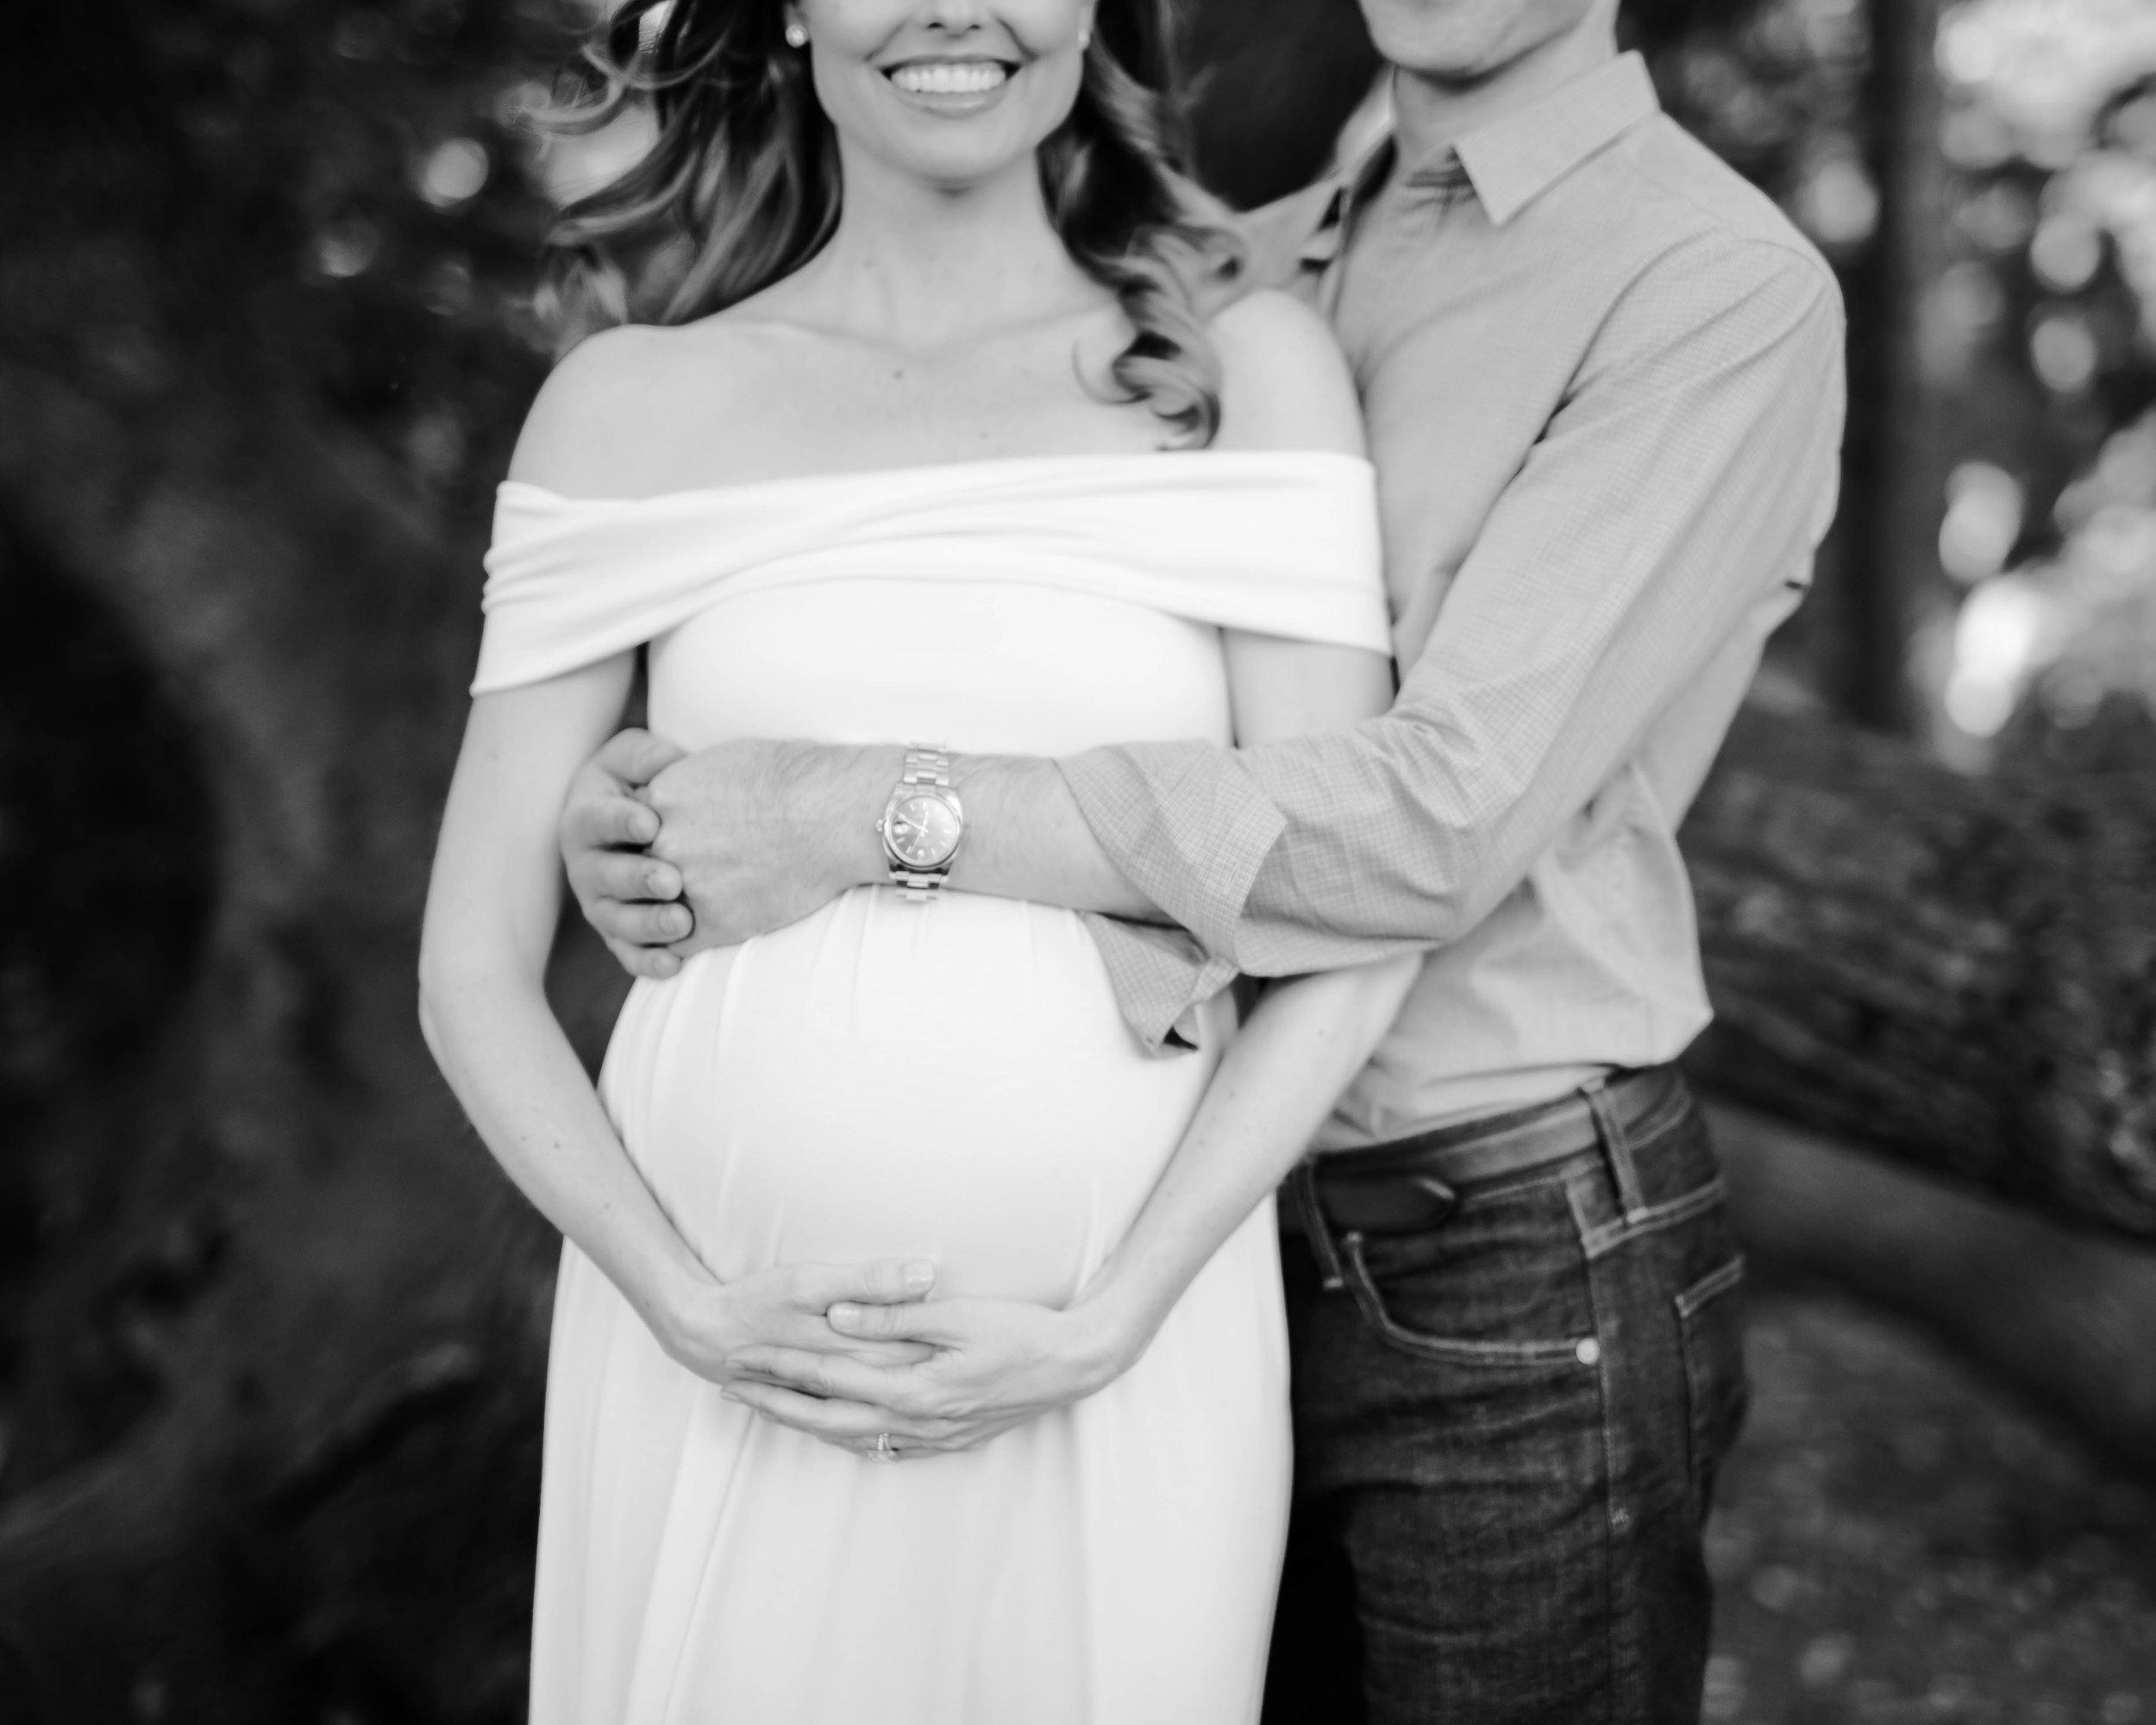 MHP_2017.04.29_Winniford_Maternity-43.jpg